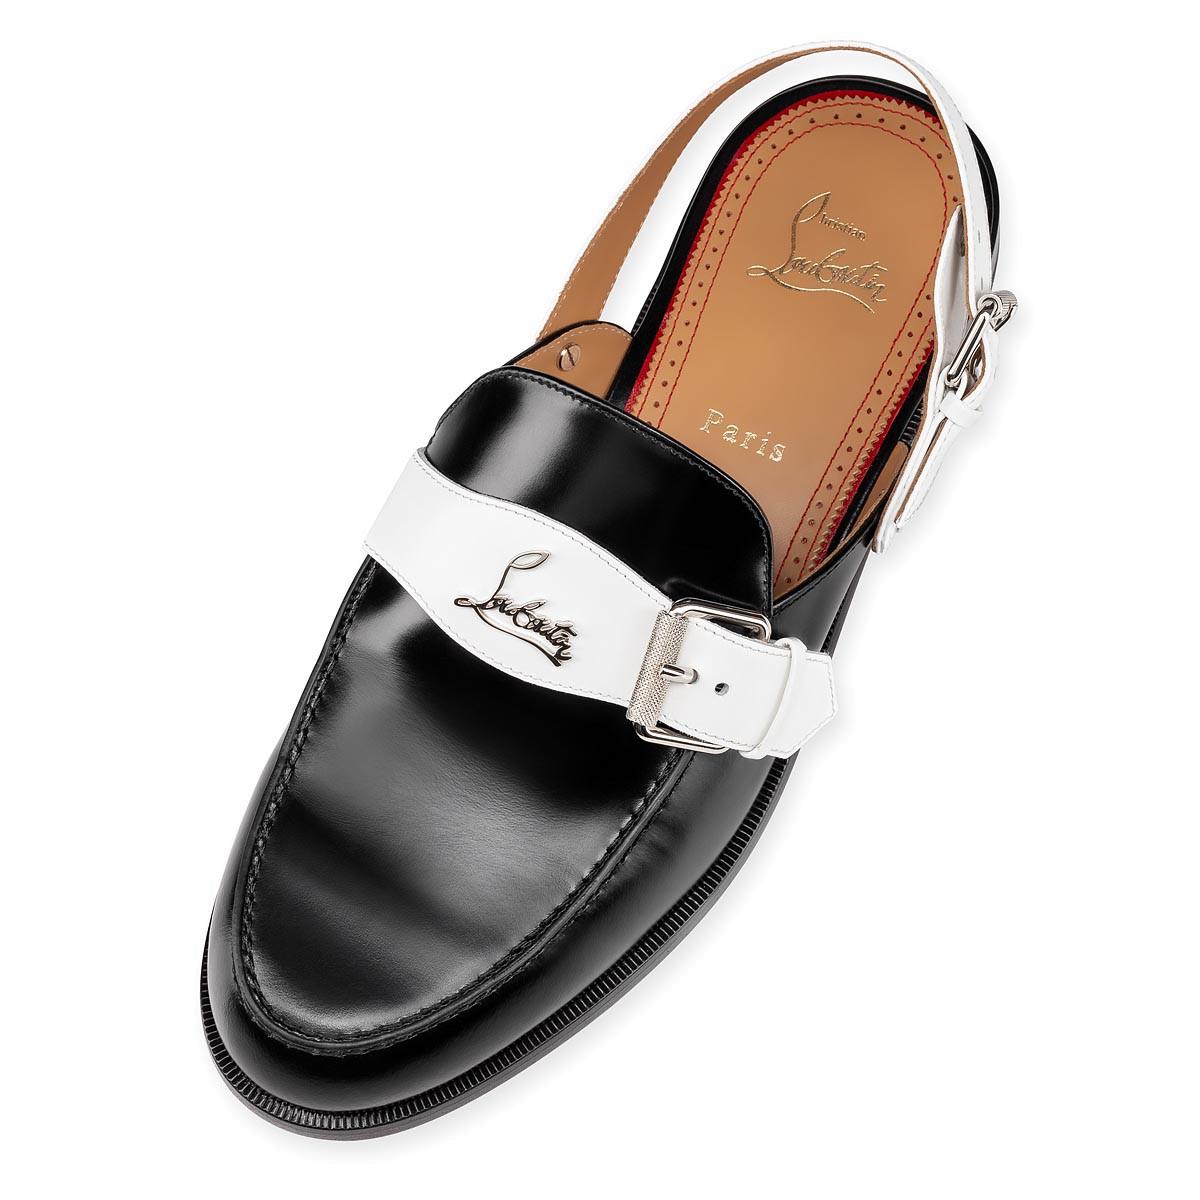 Shoes - Garde A Mule Flat - Christian Louboutin